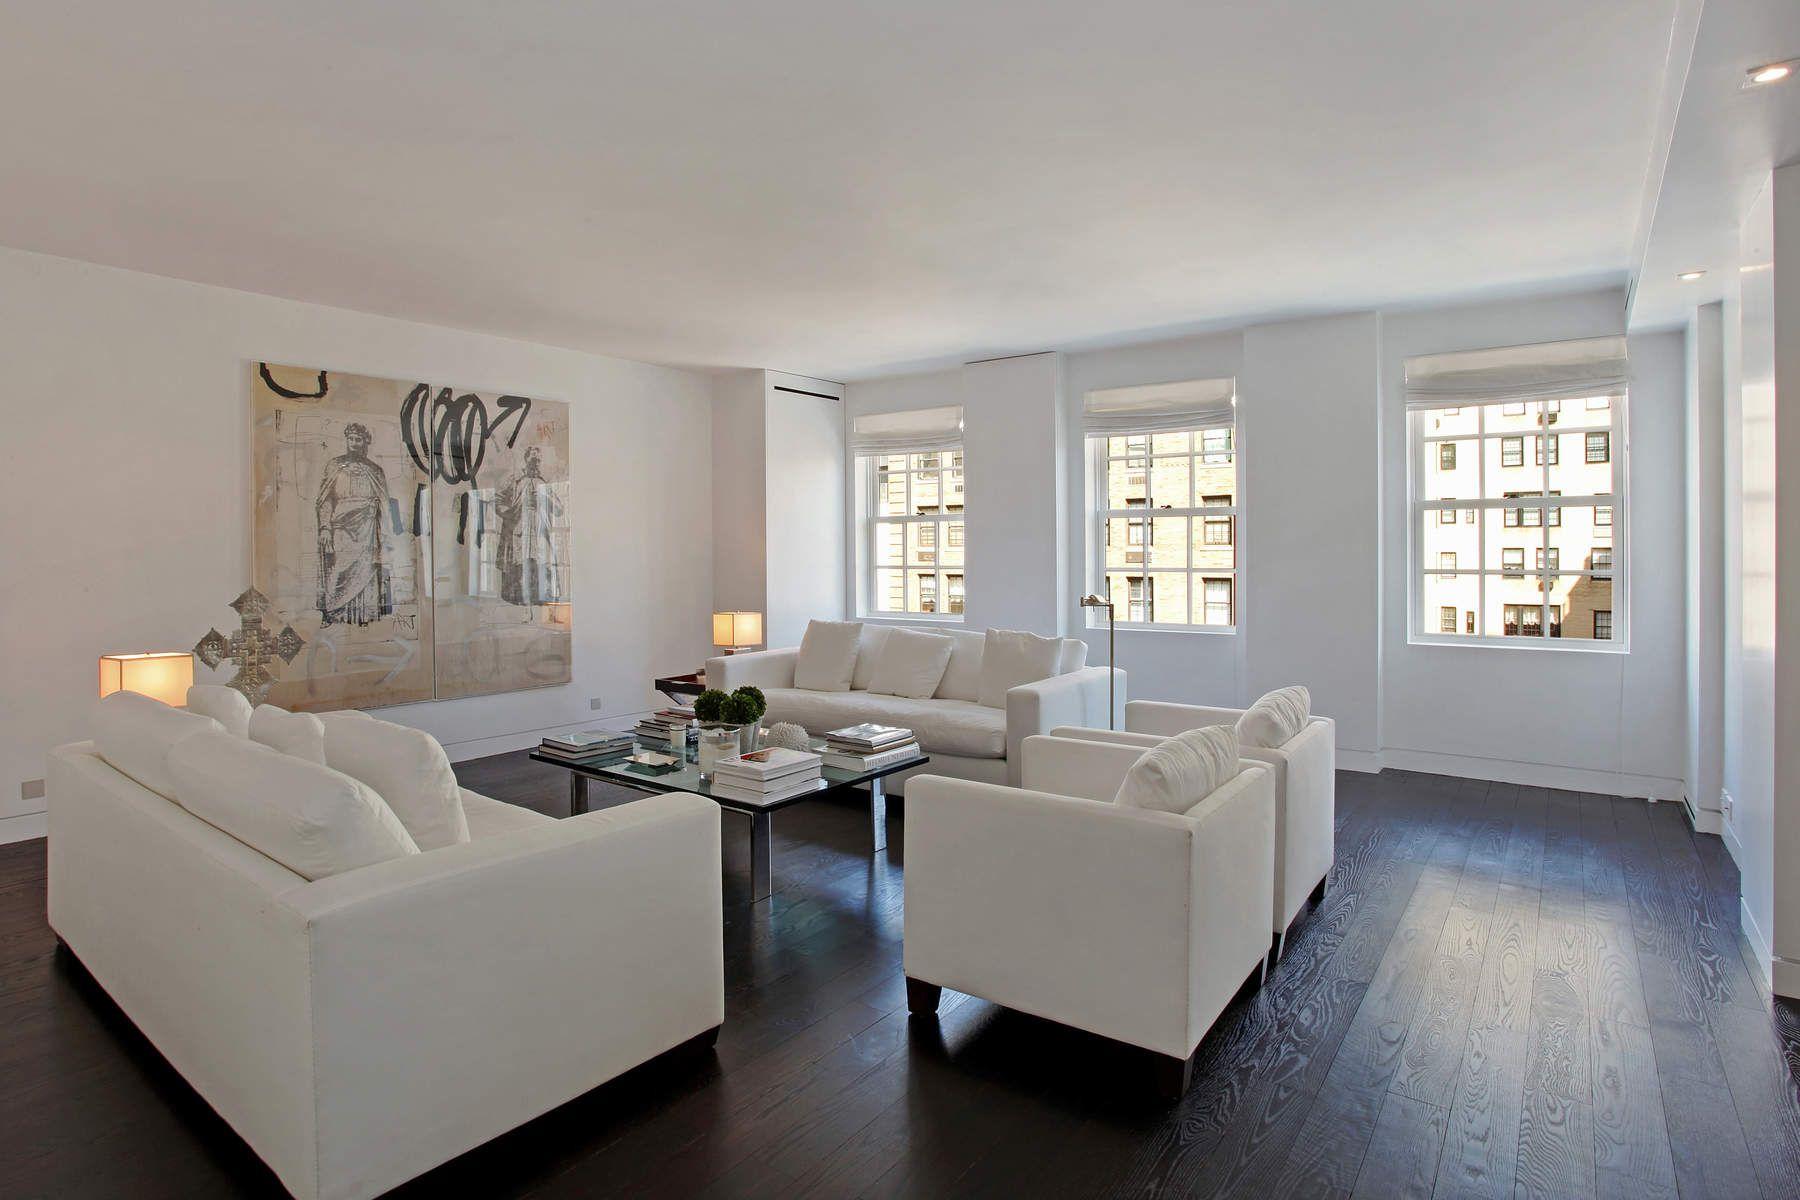 Condominio por un Alquiler en 52 East 72nd Street 52 East 72nd Street Fl 15 New York, Nueva York 10021 Estados Unidos